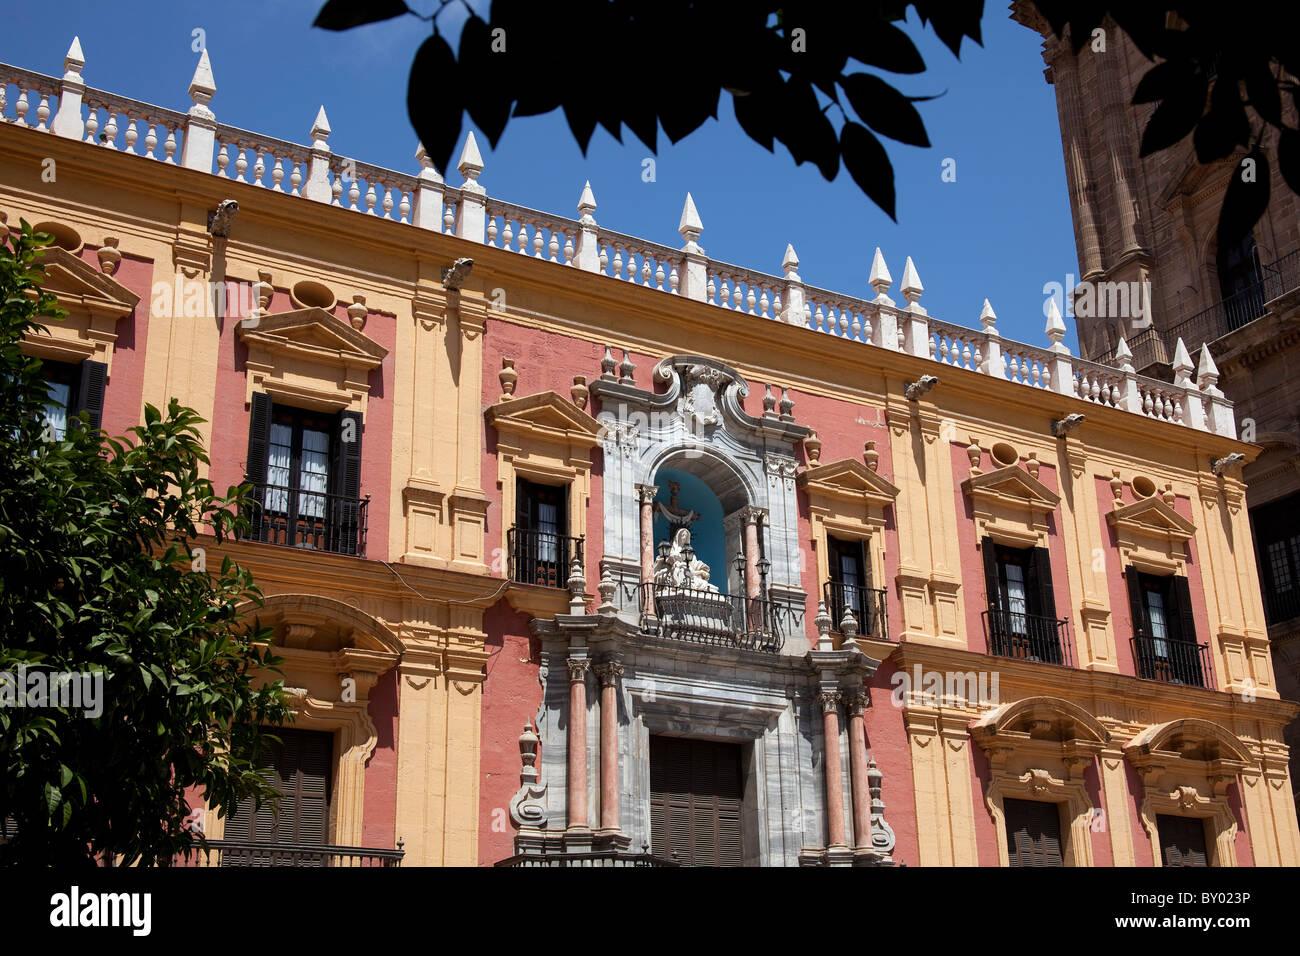 Palacio Episcopal Málaga Andalucía España Episcopal Palace Malaga Andalusia Spain Stock Photo